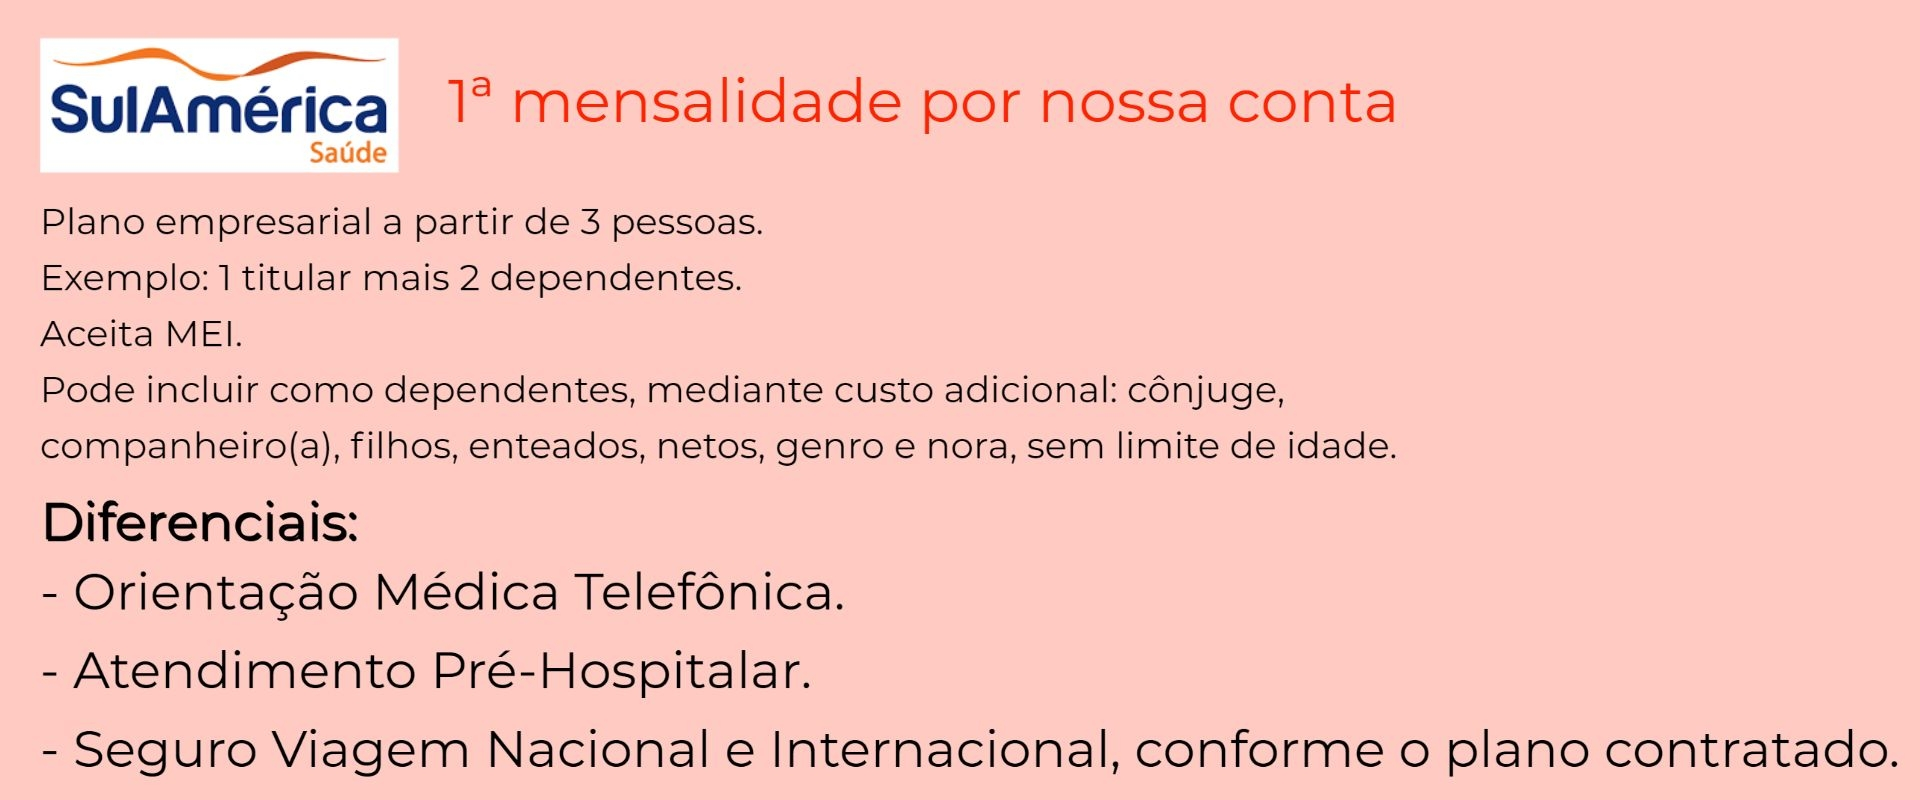 Sul América Saúde Empresarial - Quirinópolis